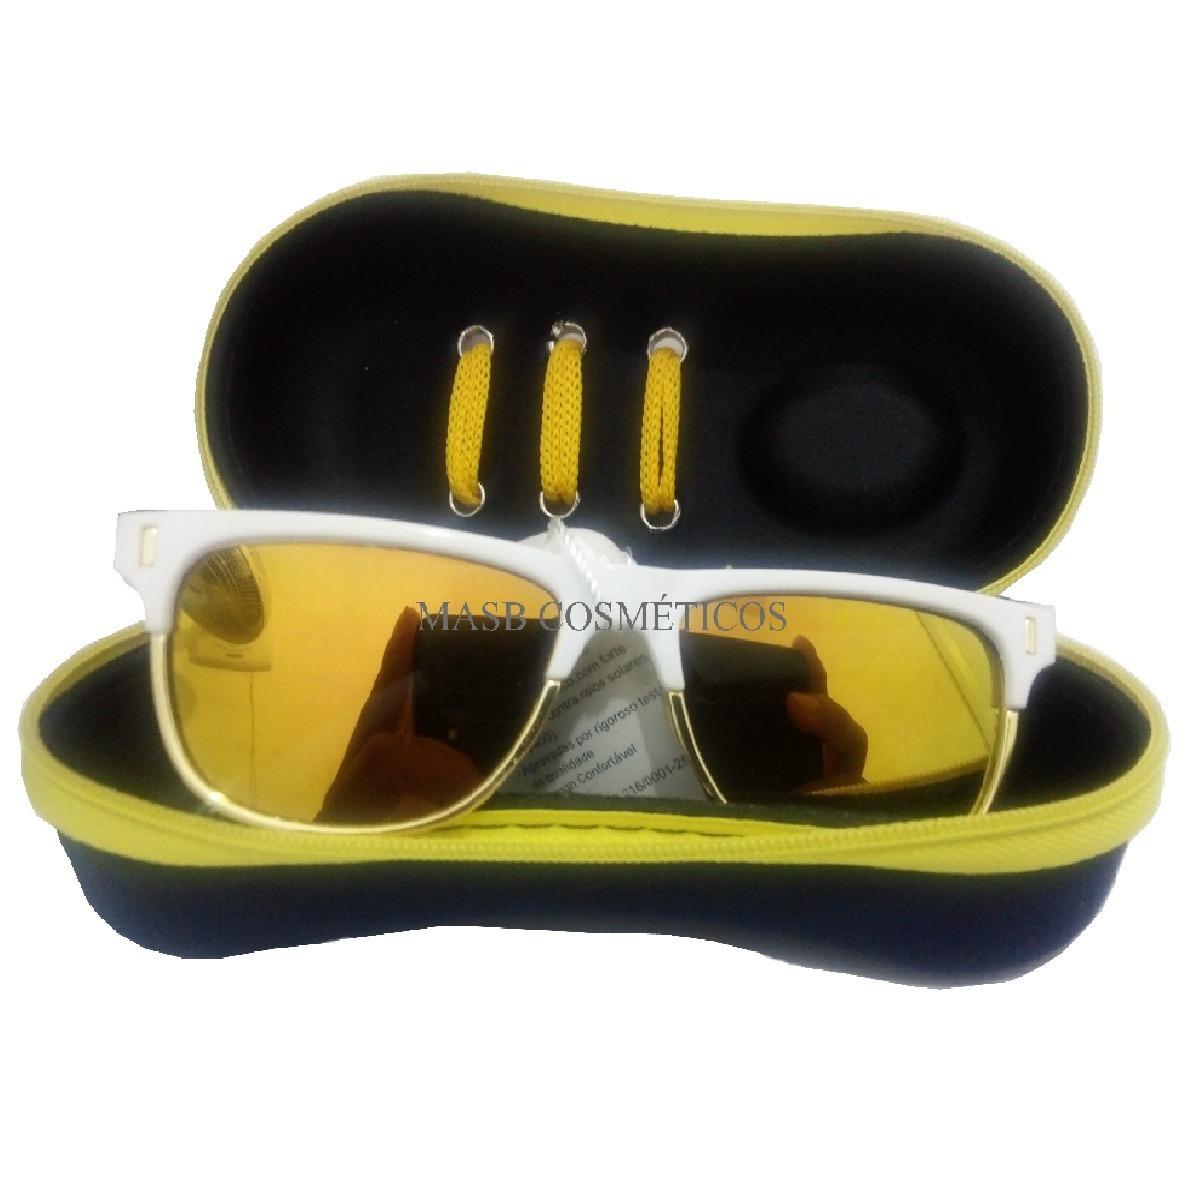 cb1f67b2c Porta Óculos De Sol Infantil Case - R$ 52,90 em Mercado Livre